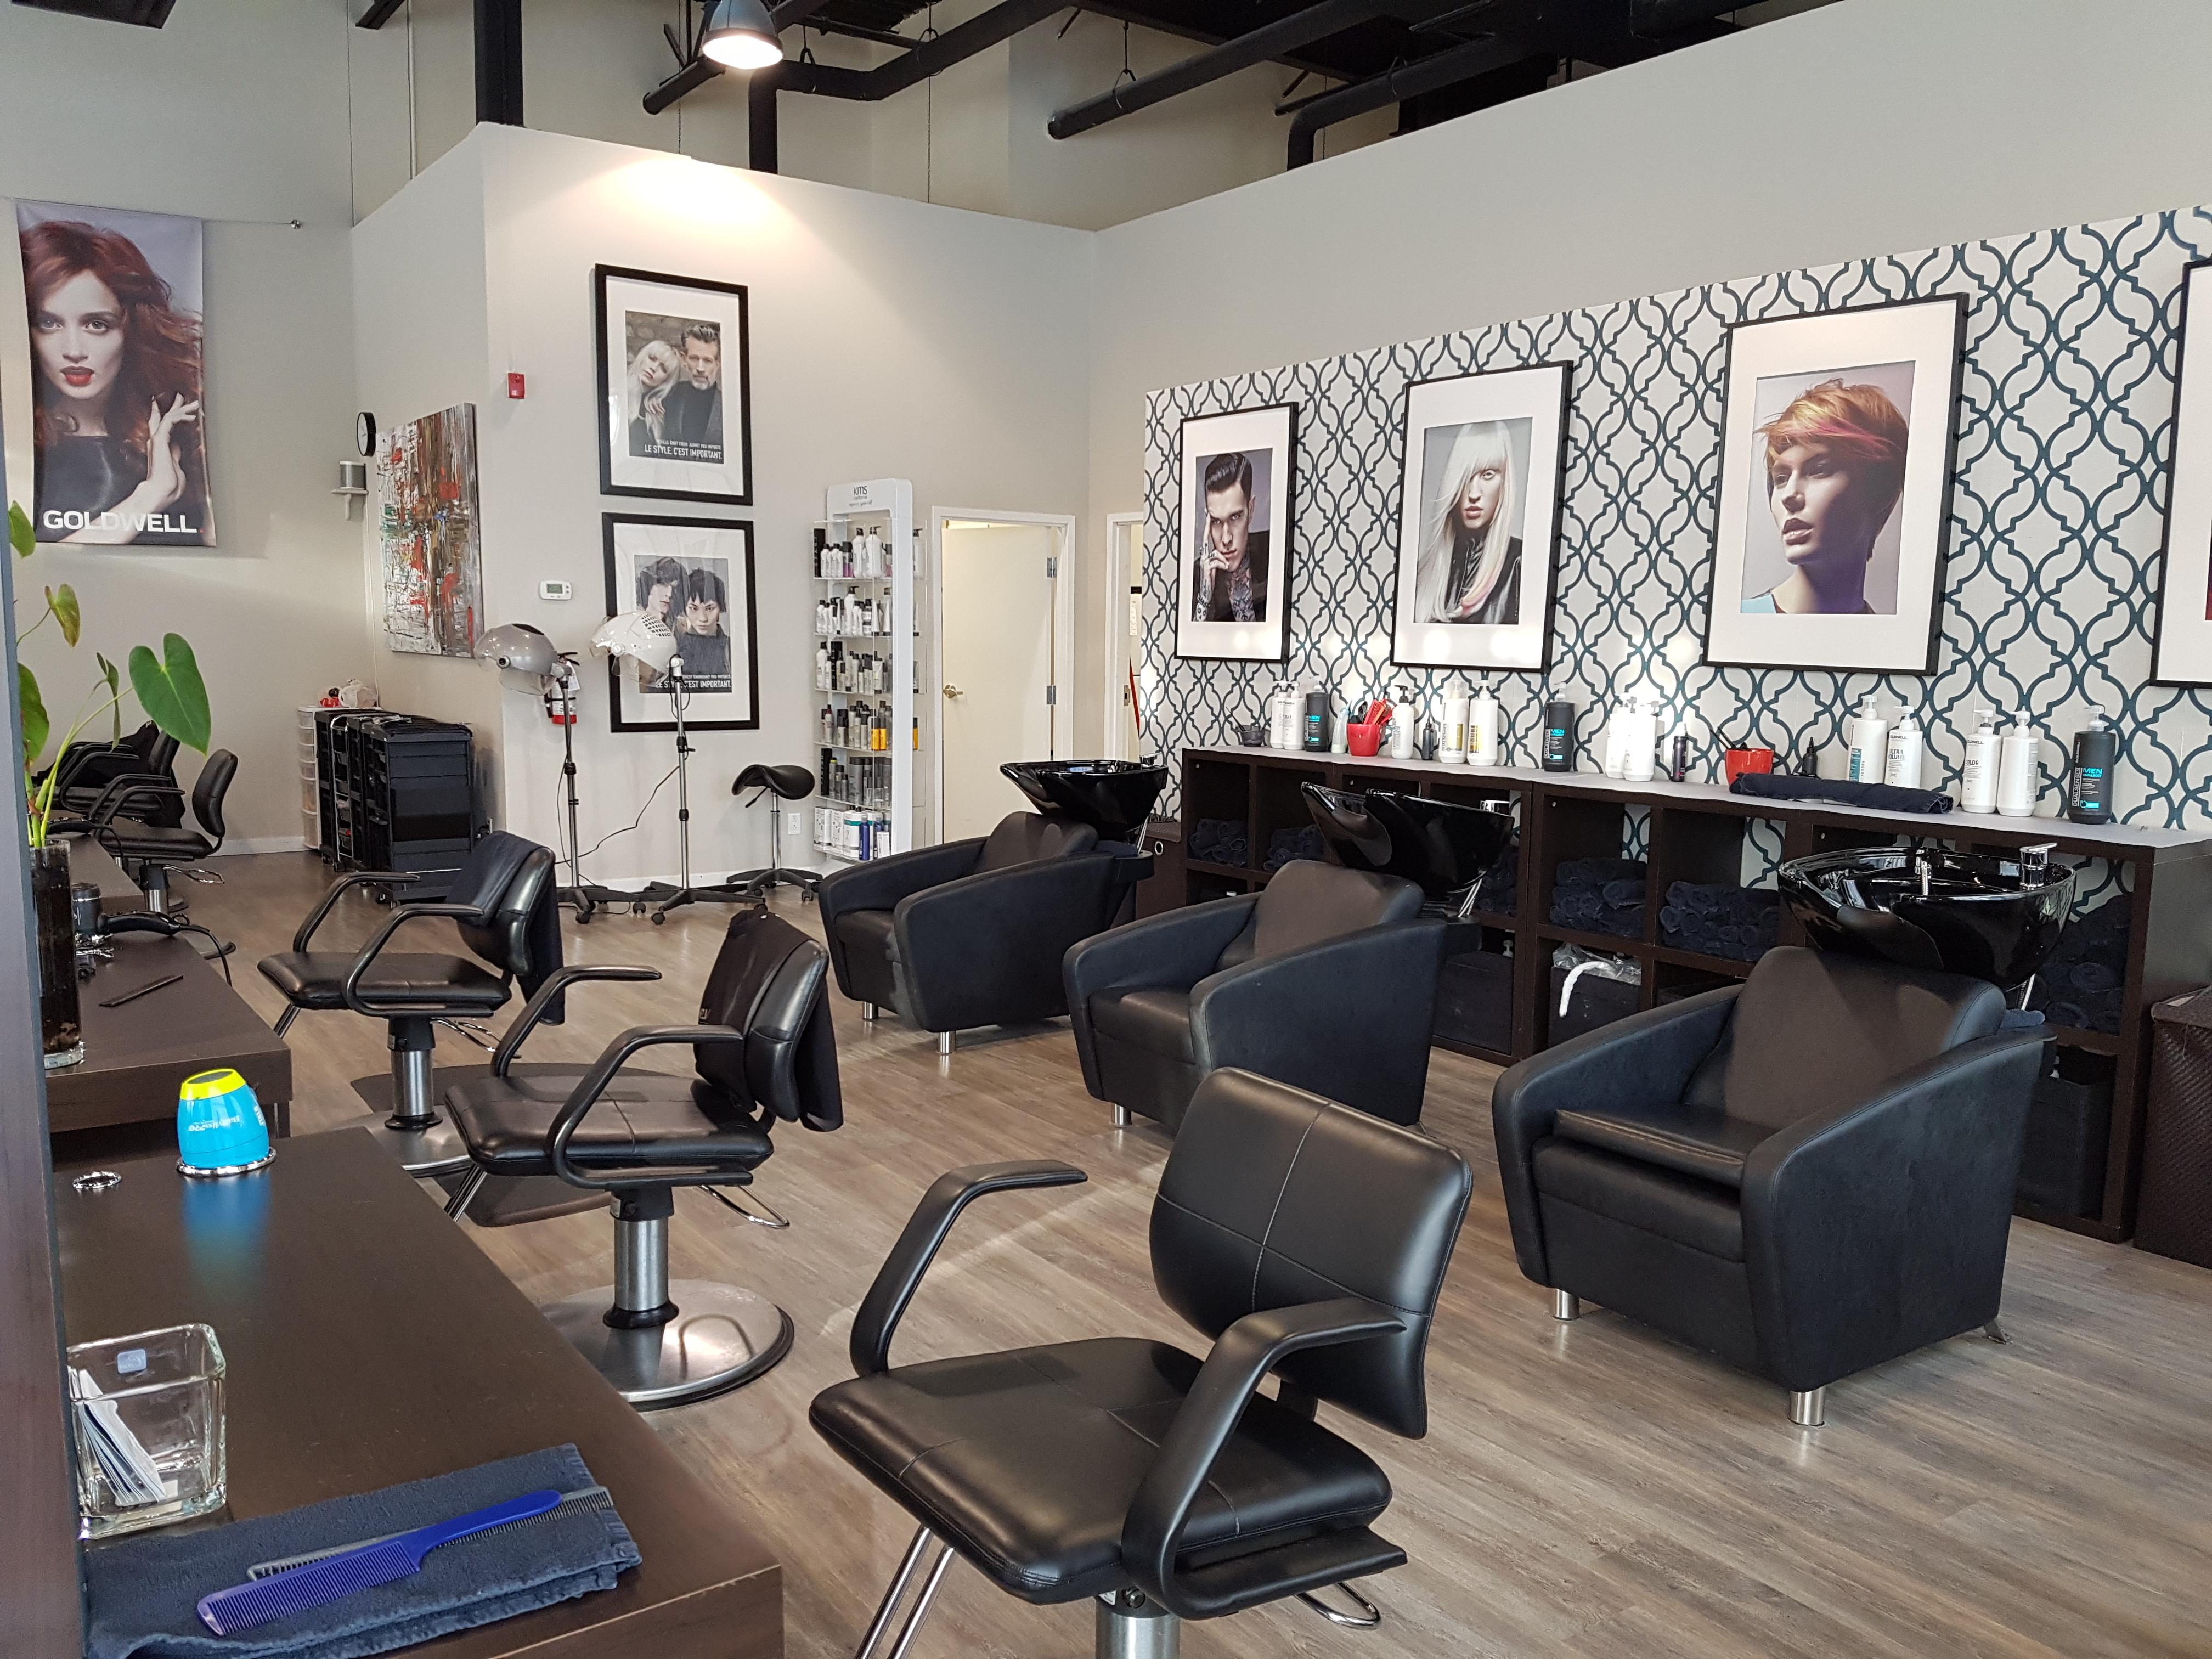 coiffure living room votre destination beaut